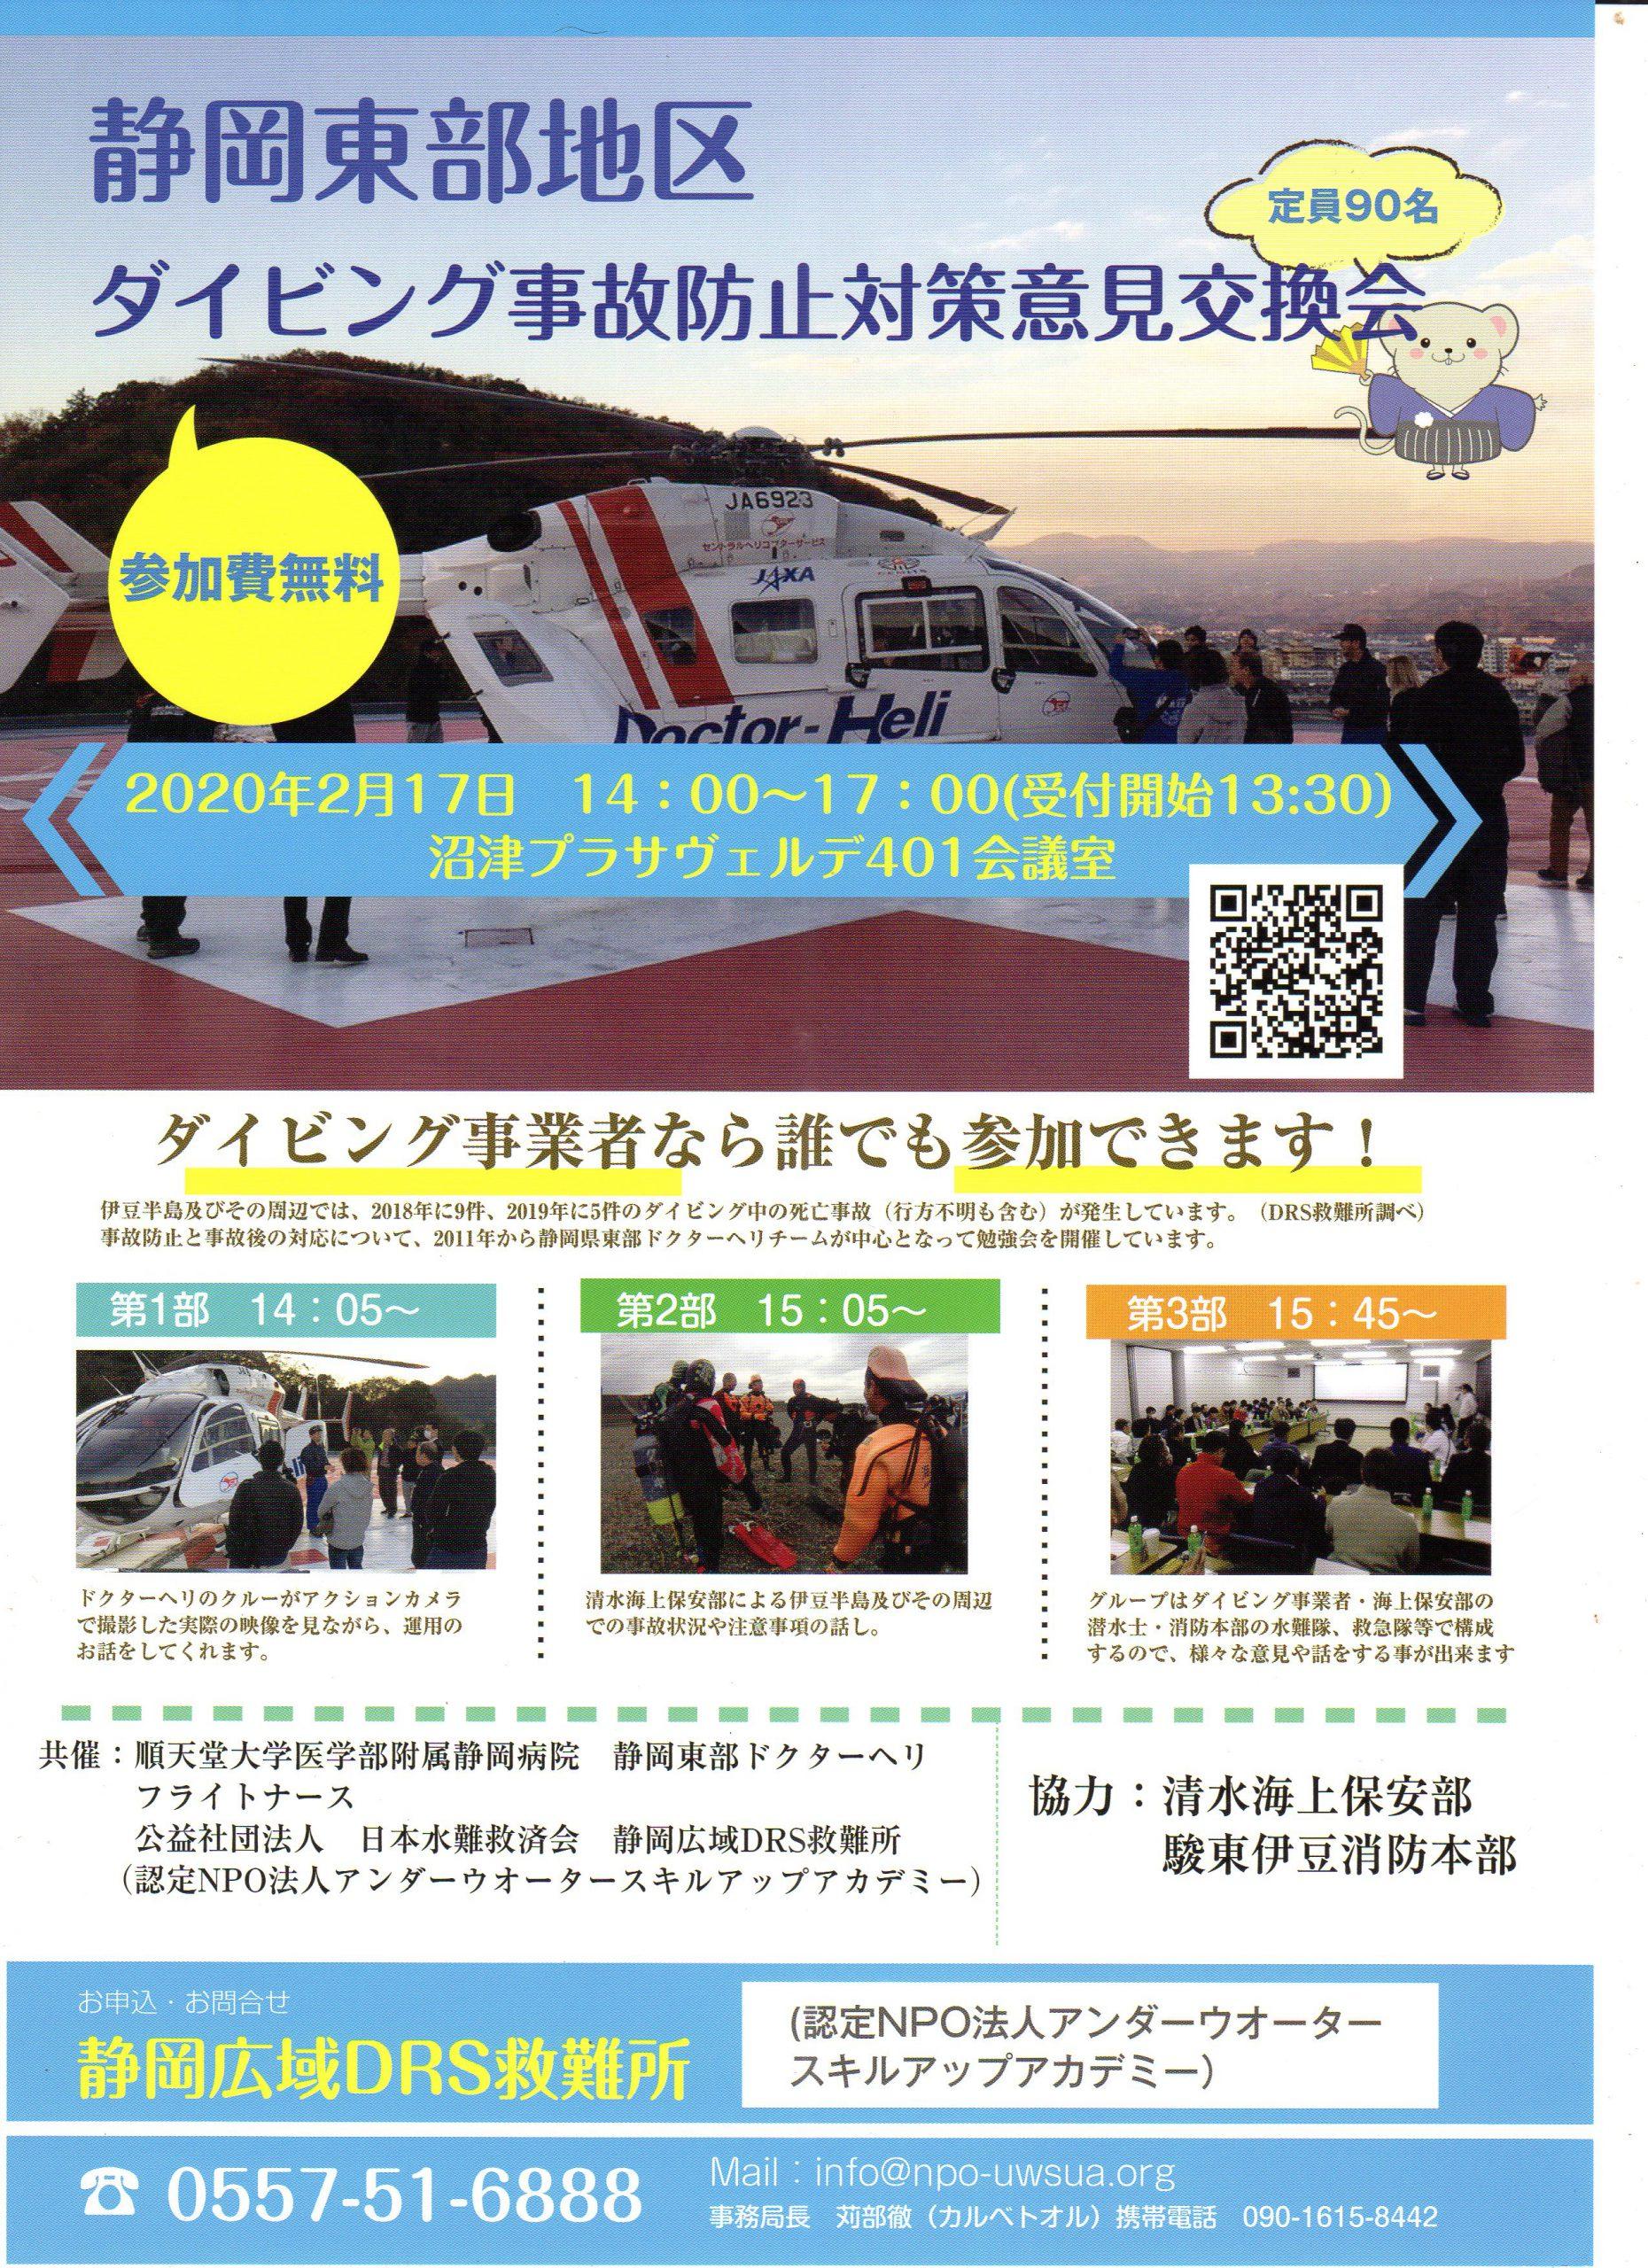 静岡県東部地区ダイビング事故防止対策意見交換会を開催しました